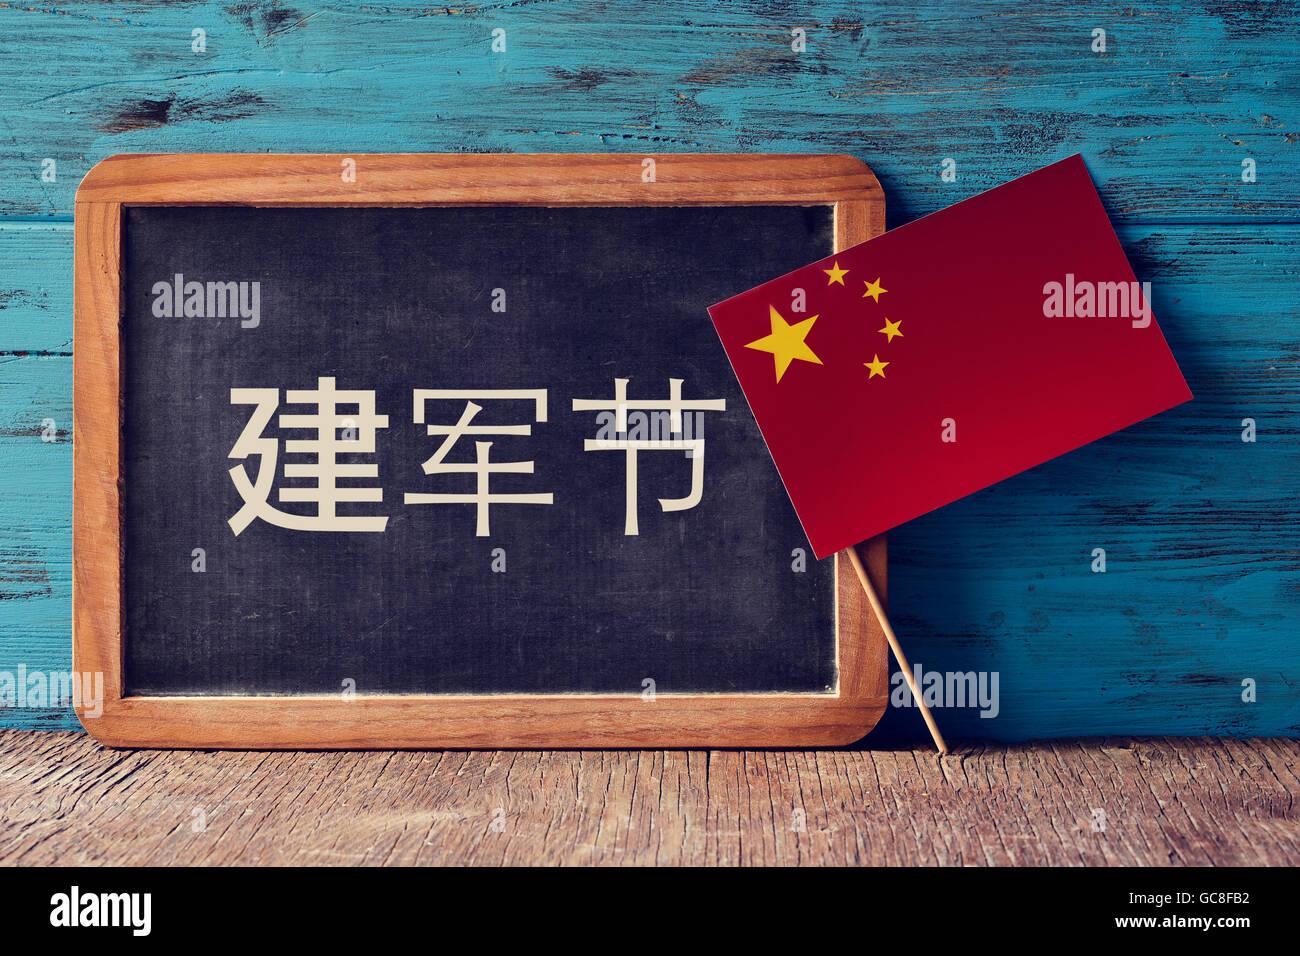 eine Tafel mit dem Text Tag der Armee in Chinesisch und die Flagge ...